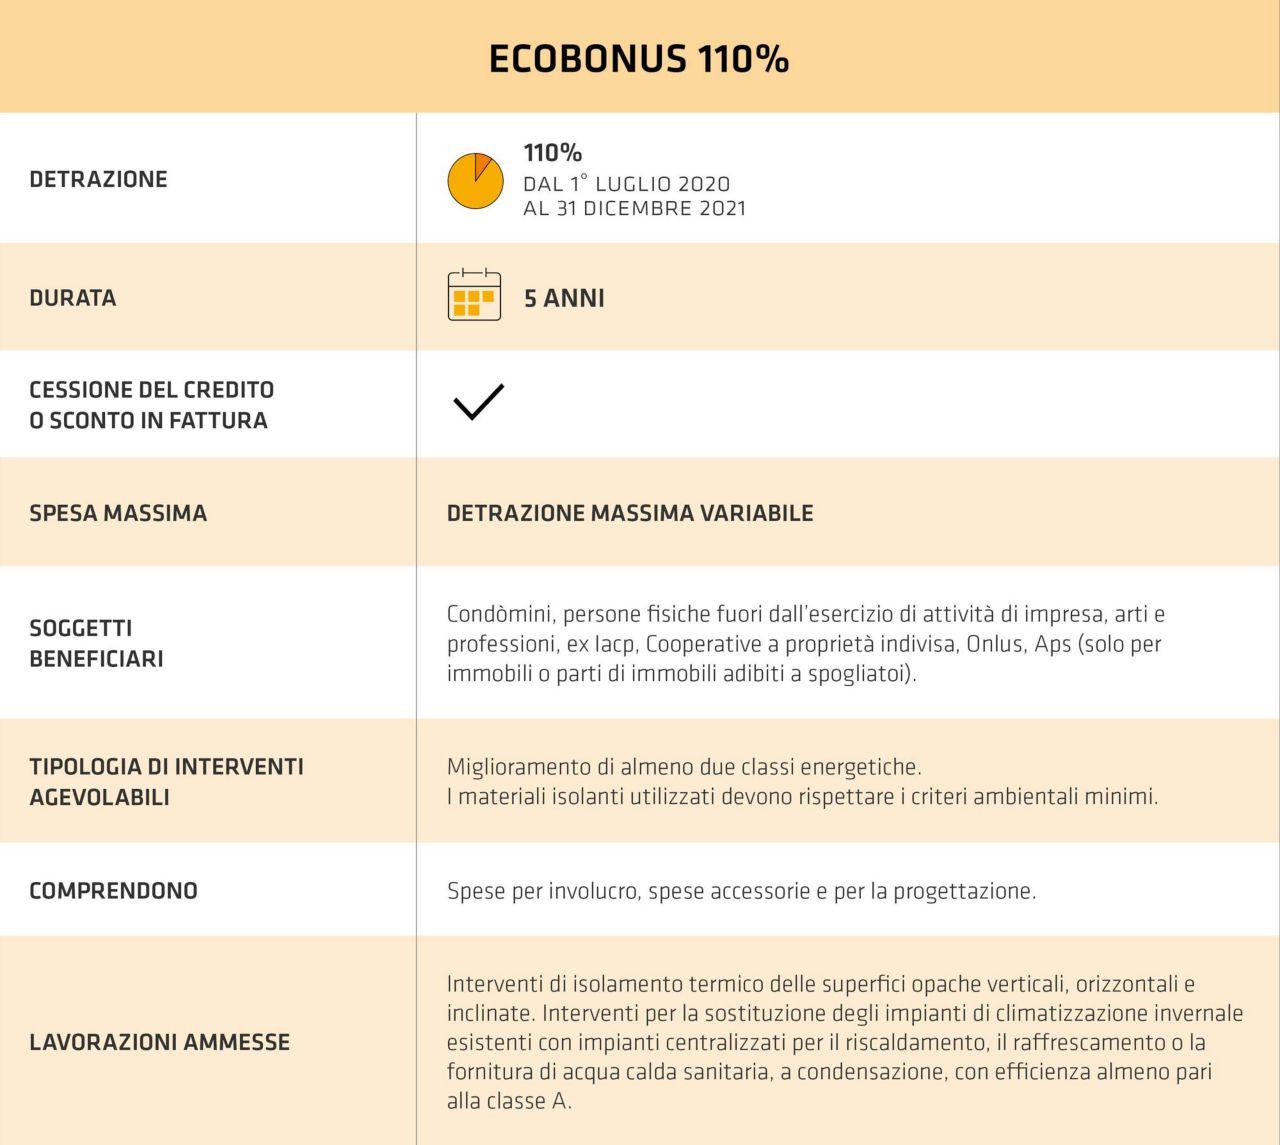 Tabella Guida Ecobonus 110%